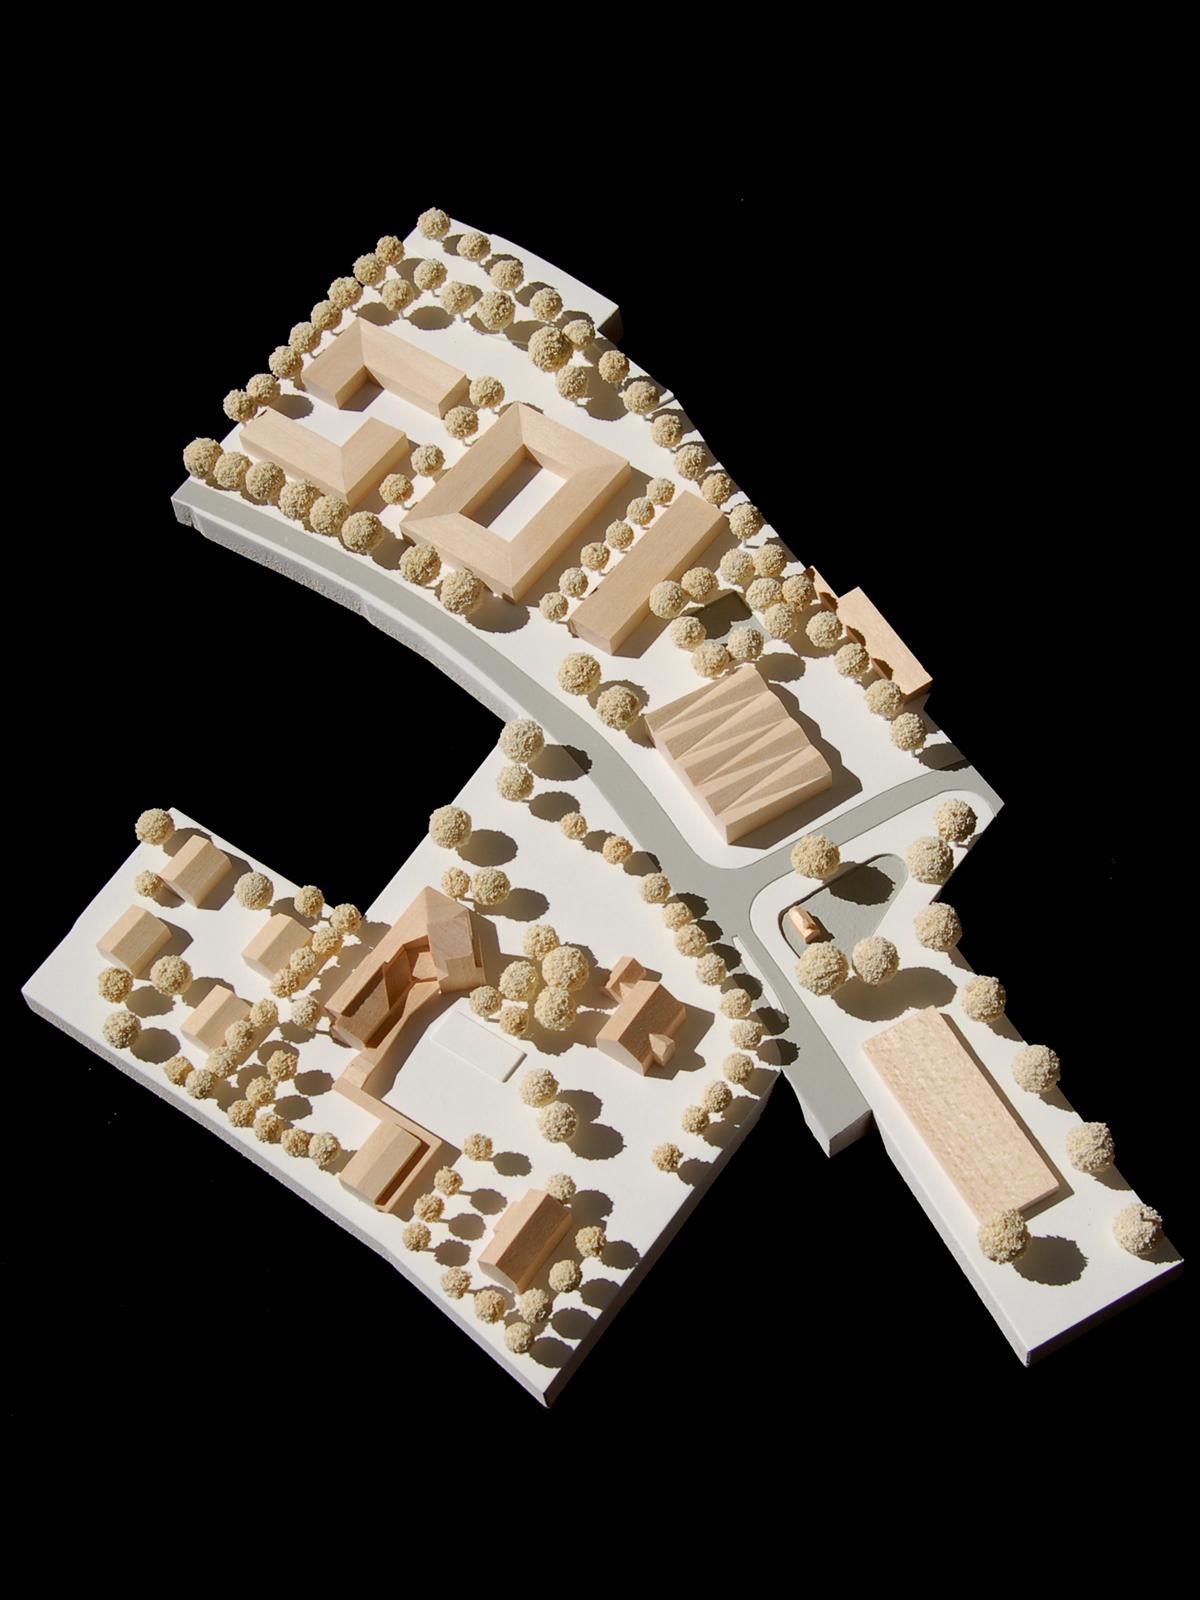 Modell-Wettbewerb-Ortmitte-Neufinsing-Anerkennung-© Friedrich-Poerschke-Zwink-Architekten